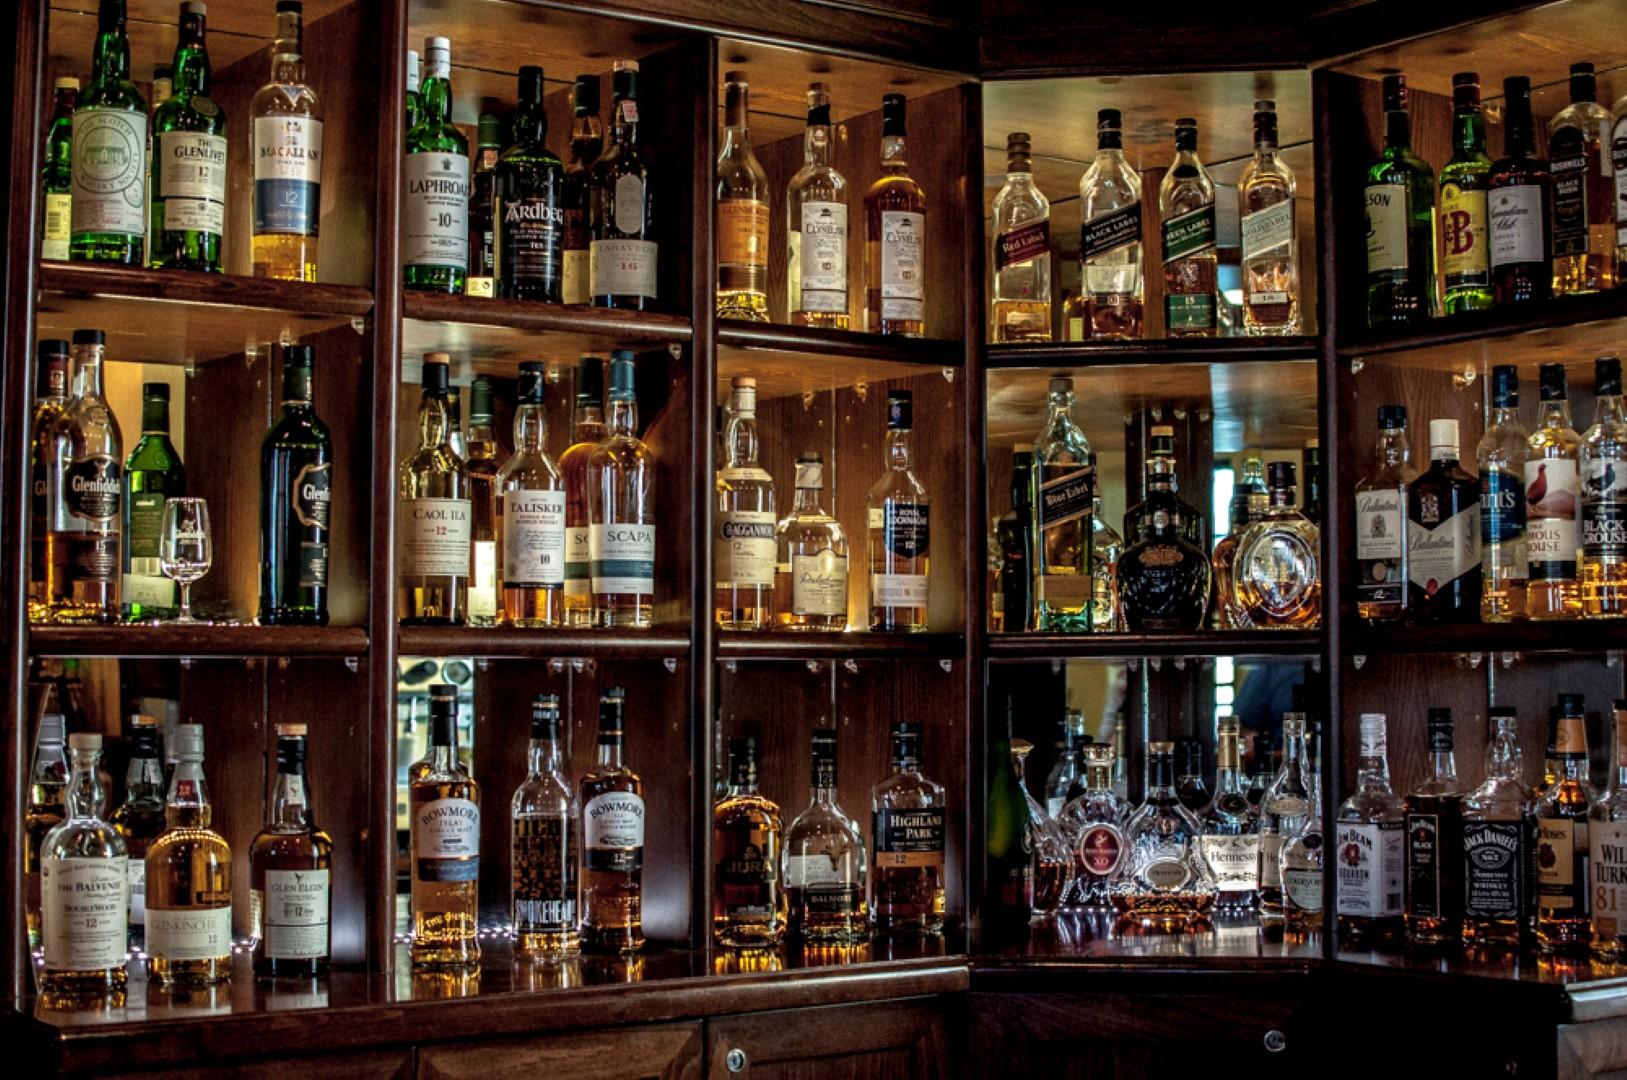 המלון הסקוטי טבריה (צילום: ורד הוכשטין)